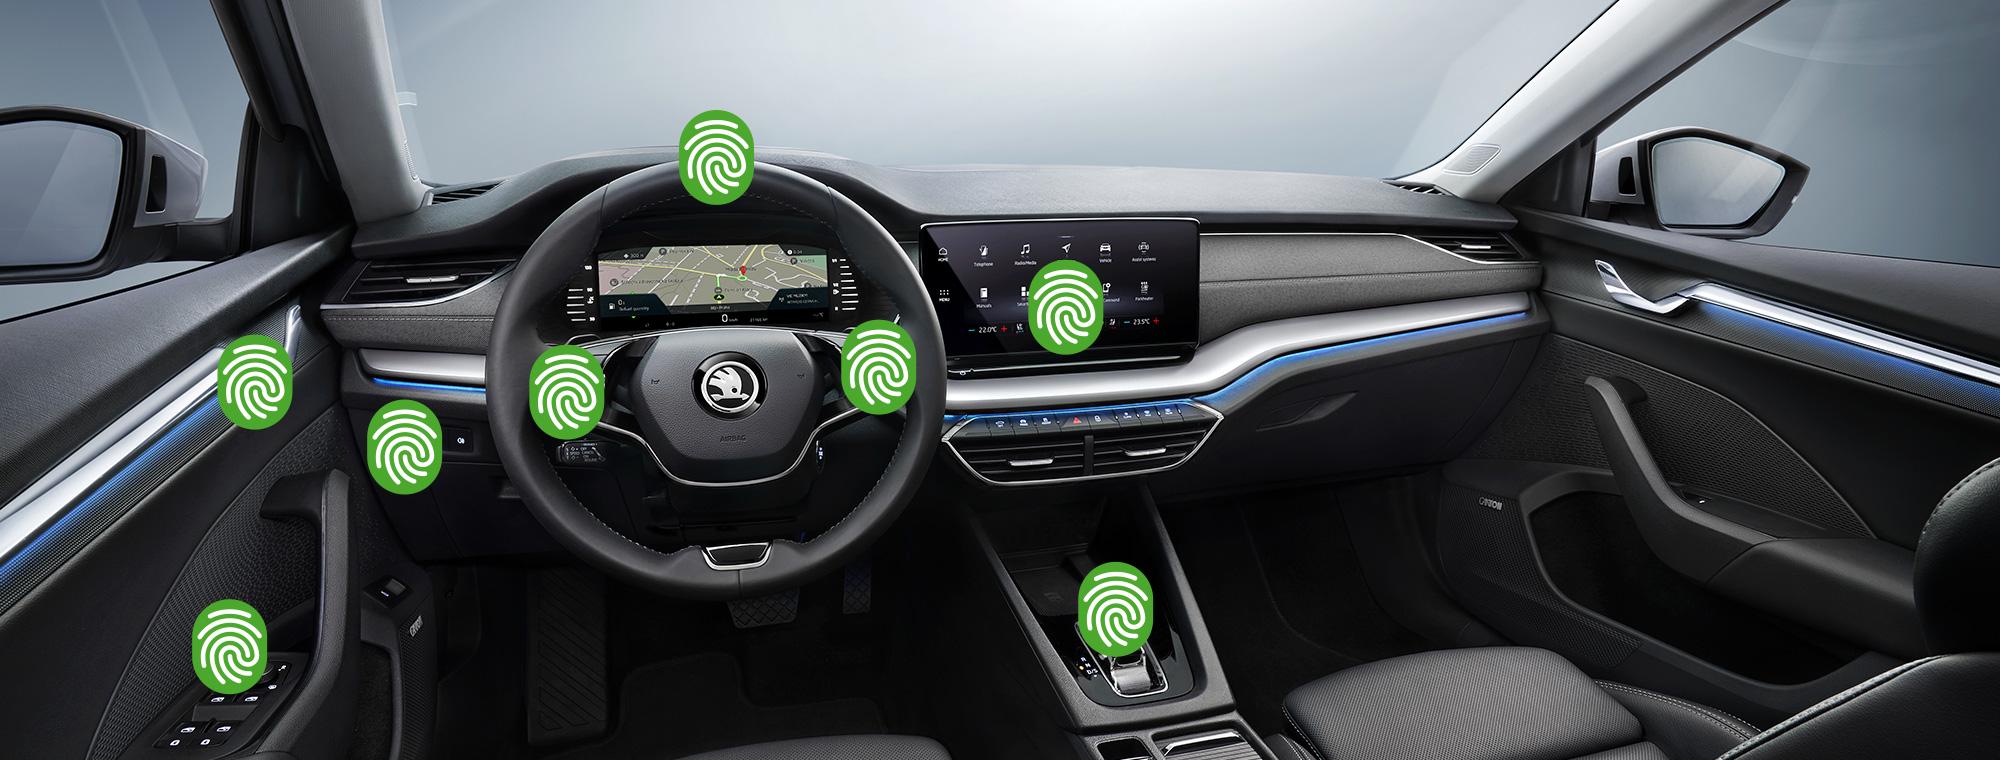 Škoda советува: Како да бидете безбедни кога патувате со автомобил за време на пандемијата на коронавирус